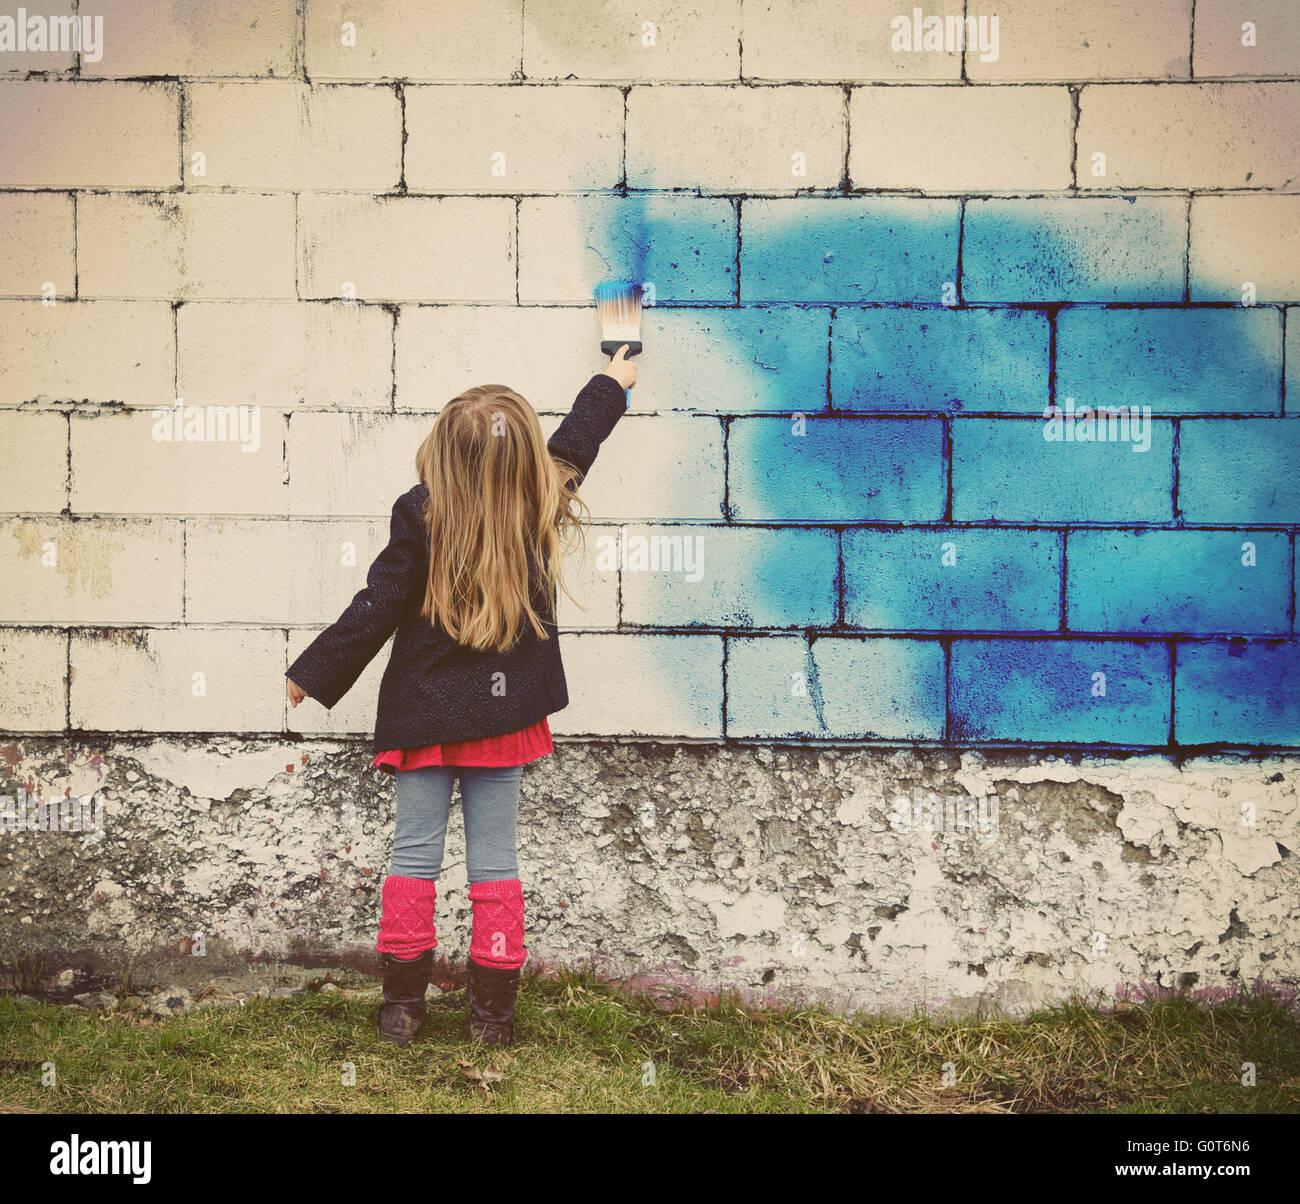 Un Bambino è dipinto un vecchio bianco parete in mattoni con vernice blu per arte creativa di un concetto o Immagini Stock